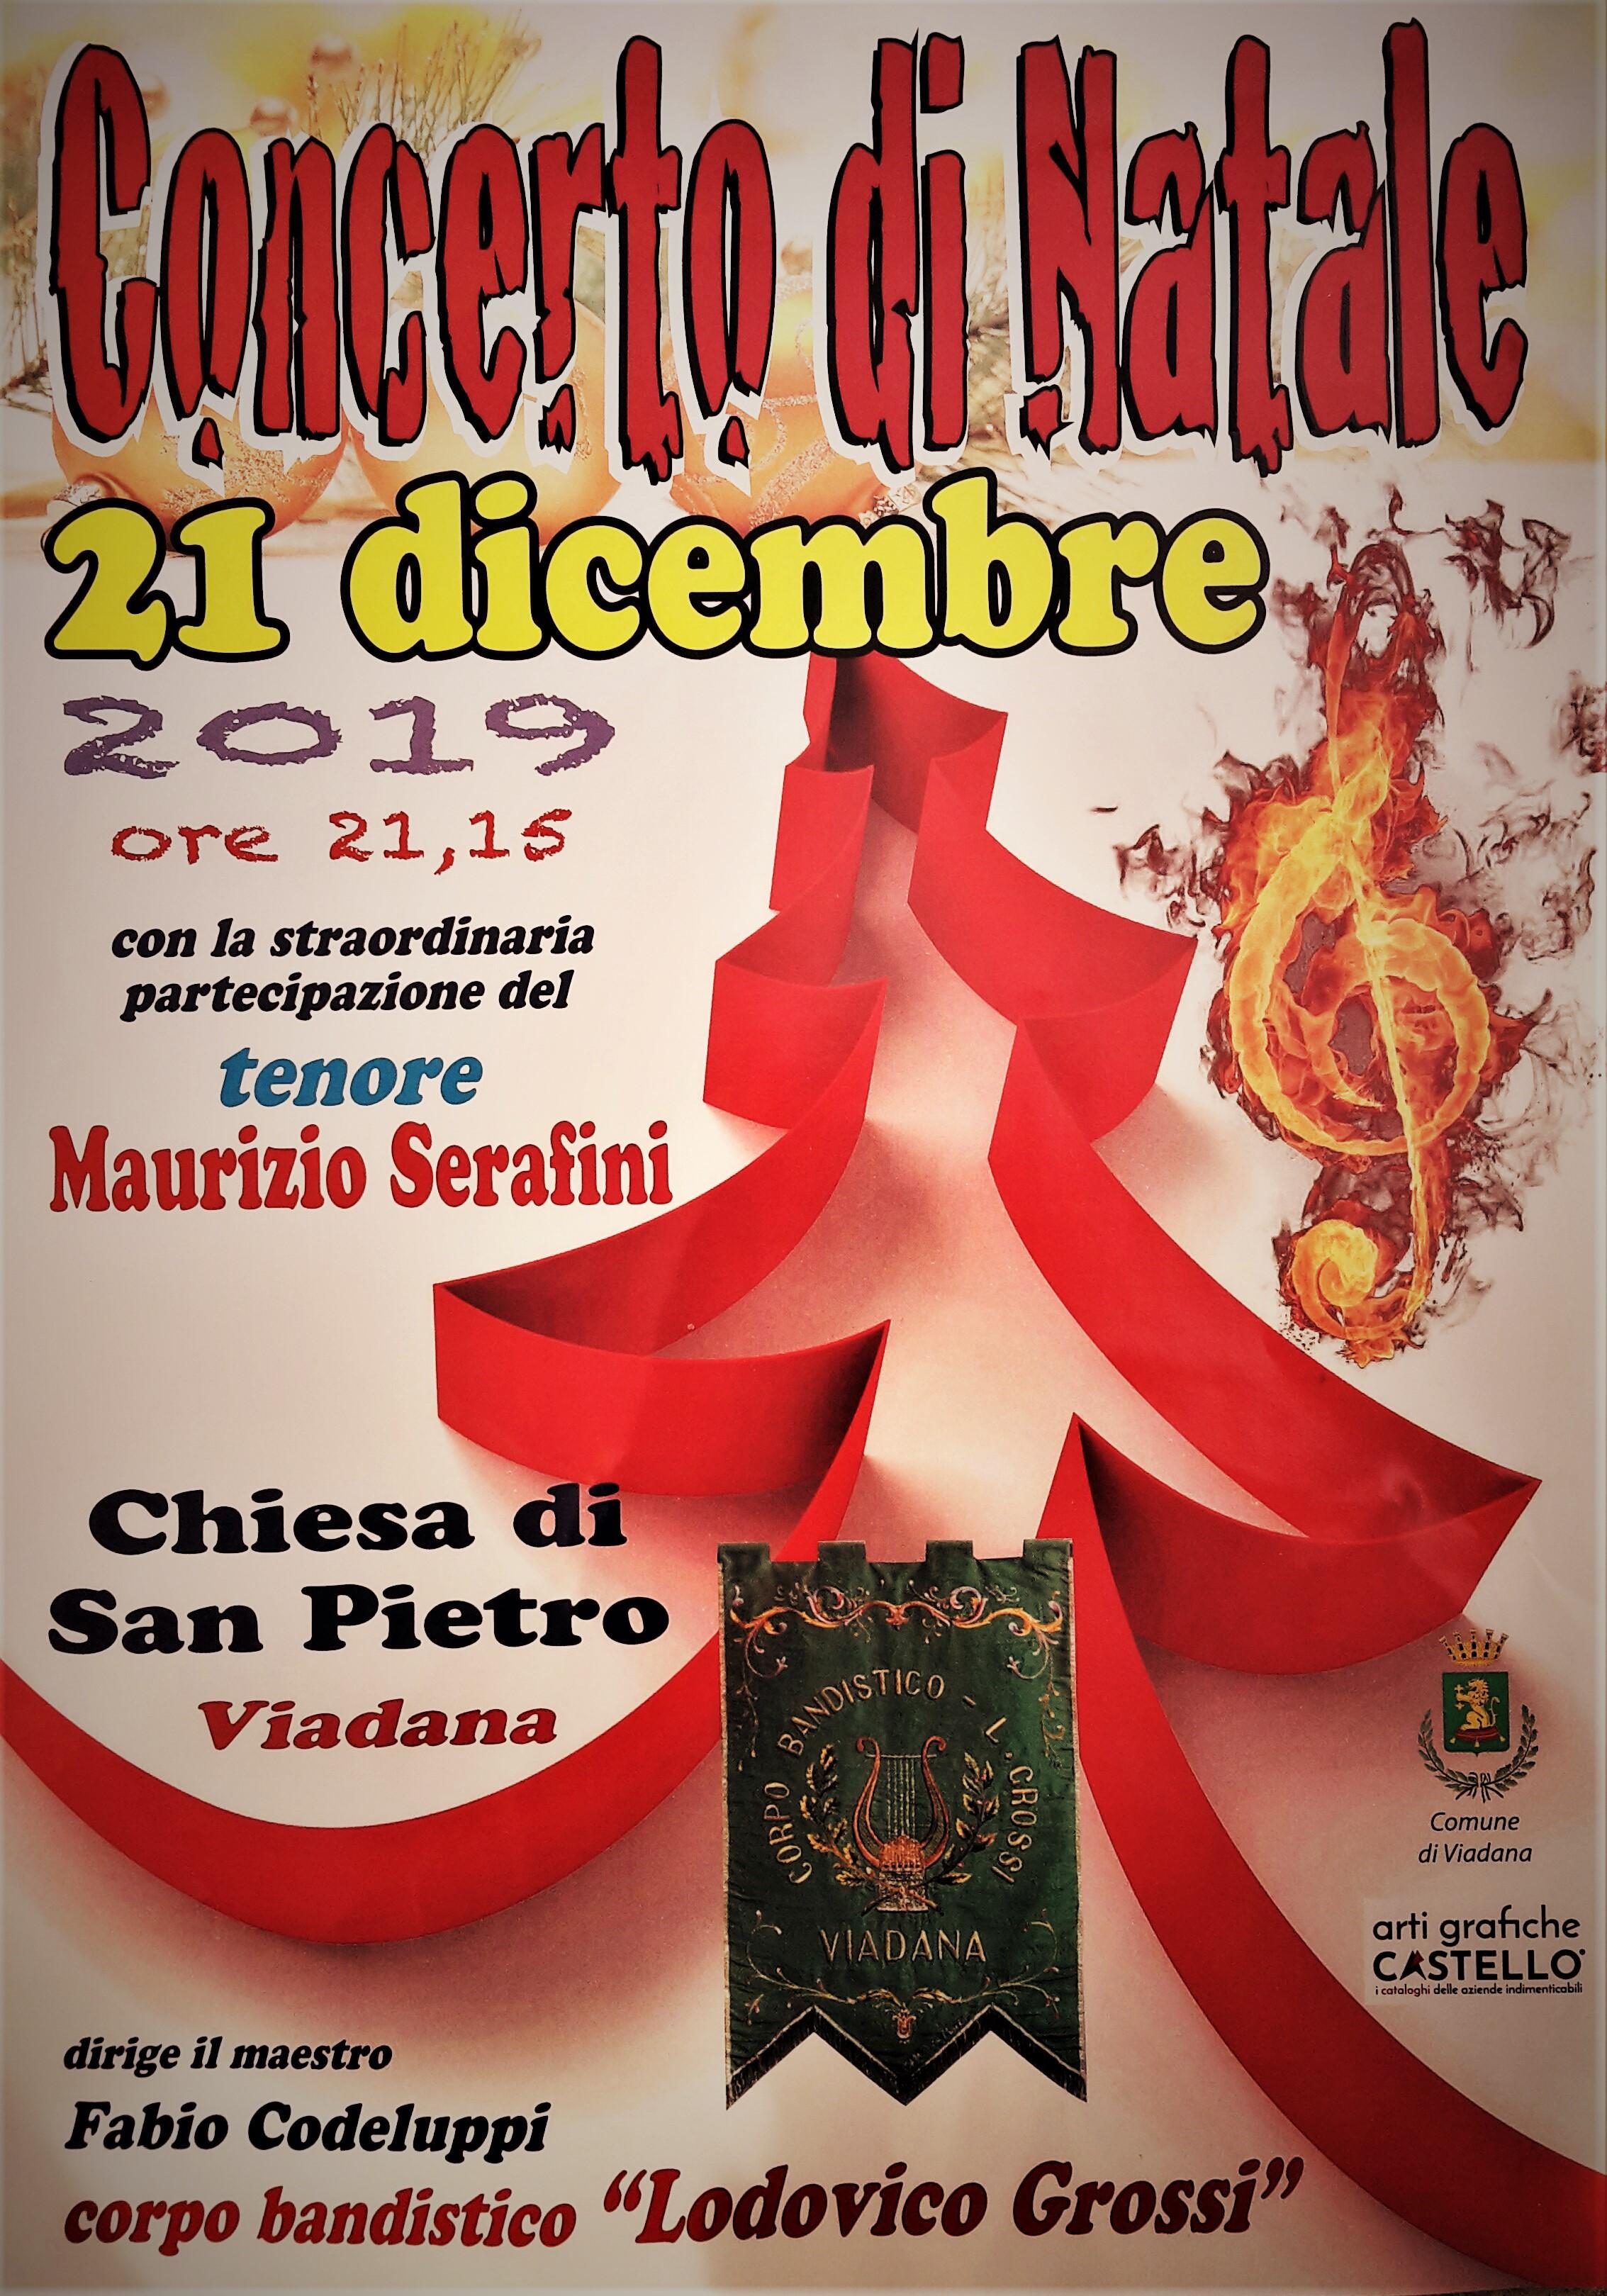 21/12/2019 - Concerto di Natale